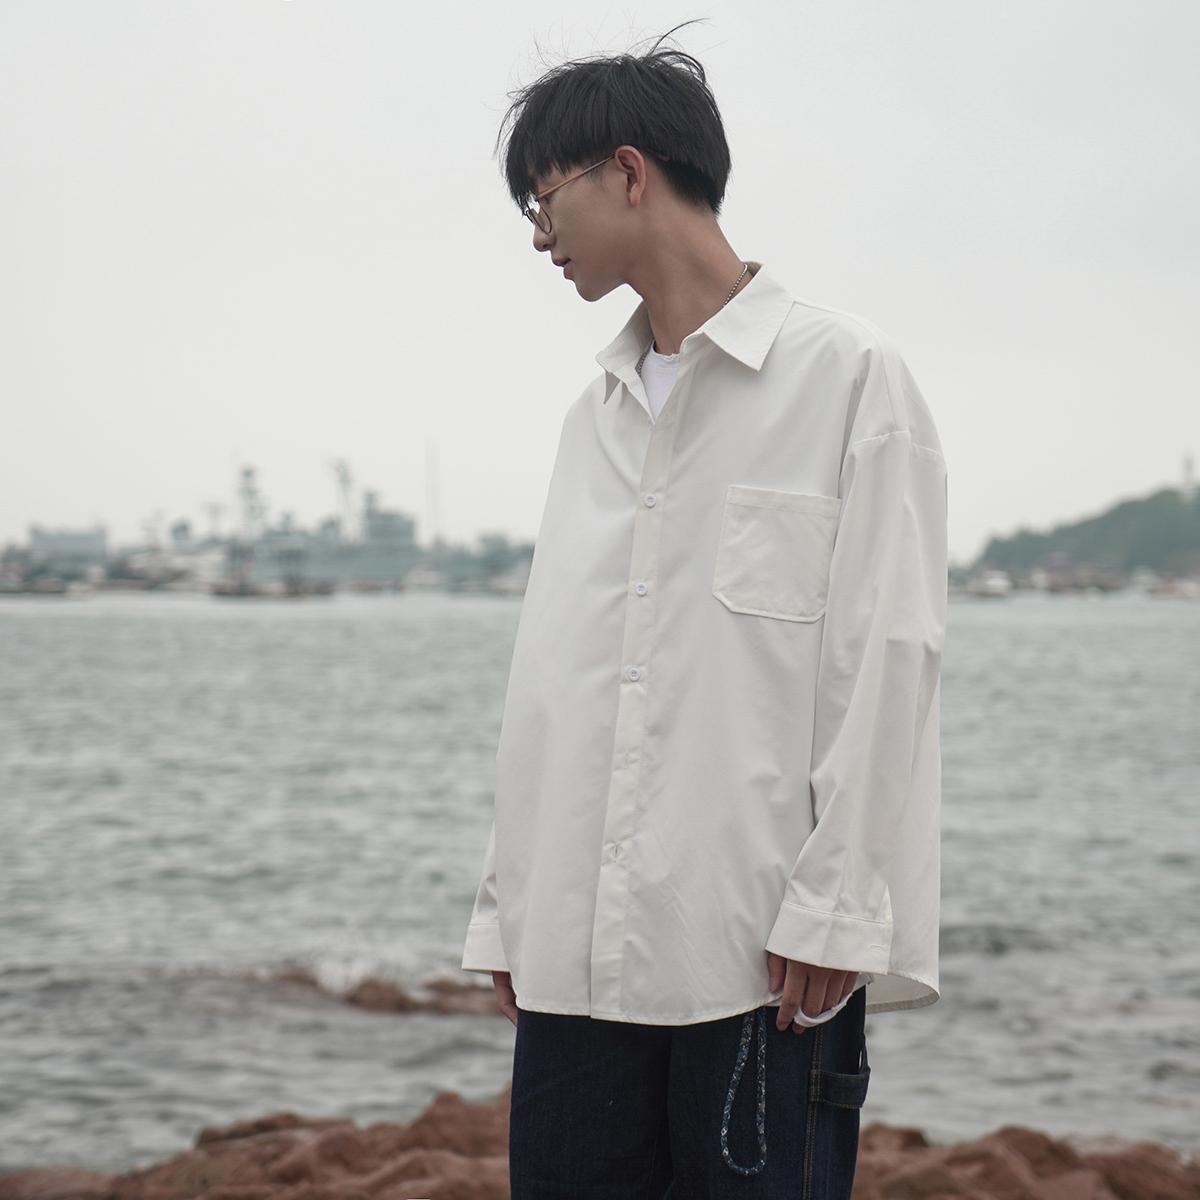 禾子先生 男士长袖衬衫韩版纯色宽松小清新港味潮流秋季打底衬衣(用1元券)